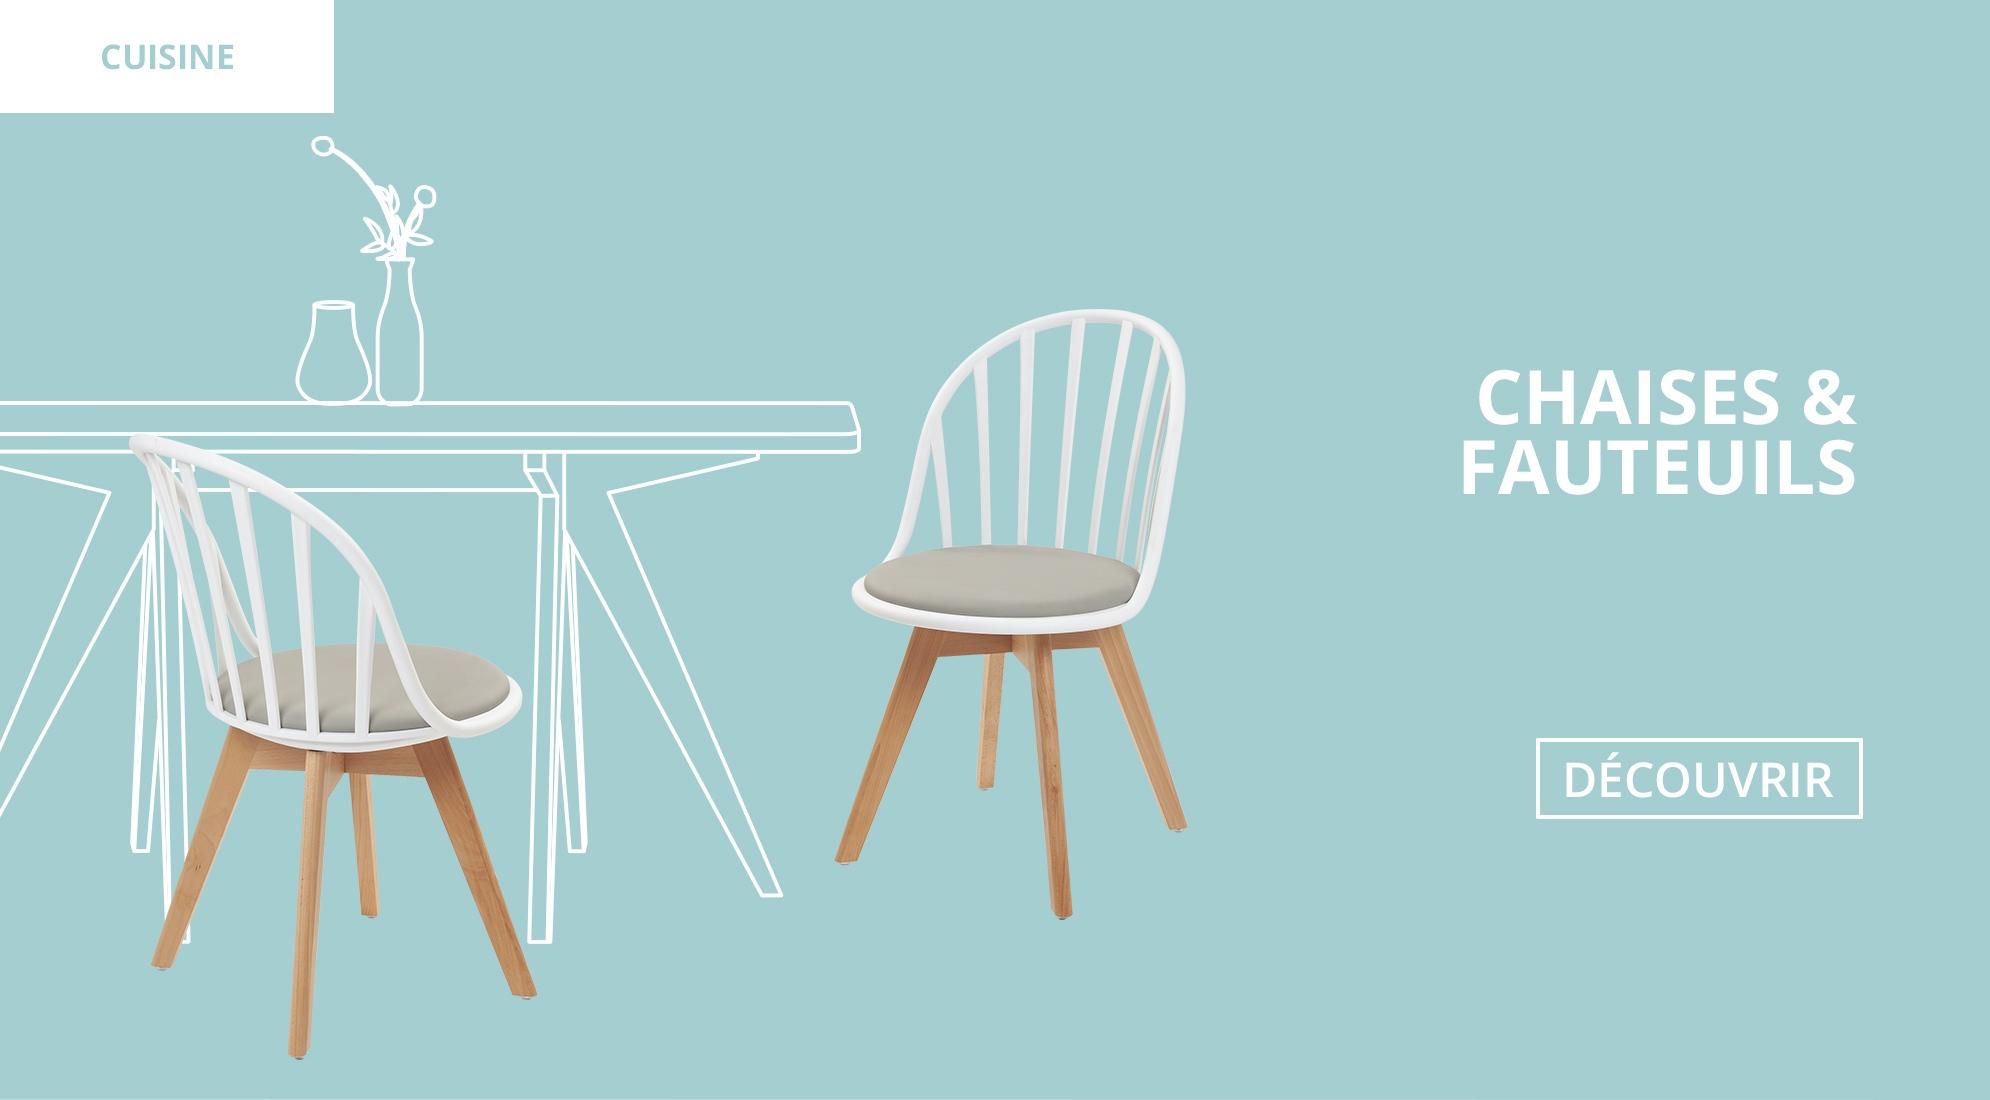 Cuisine : Chaises de cuisine Scandinace et Design Kayelles